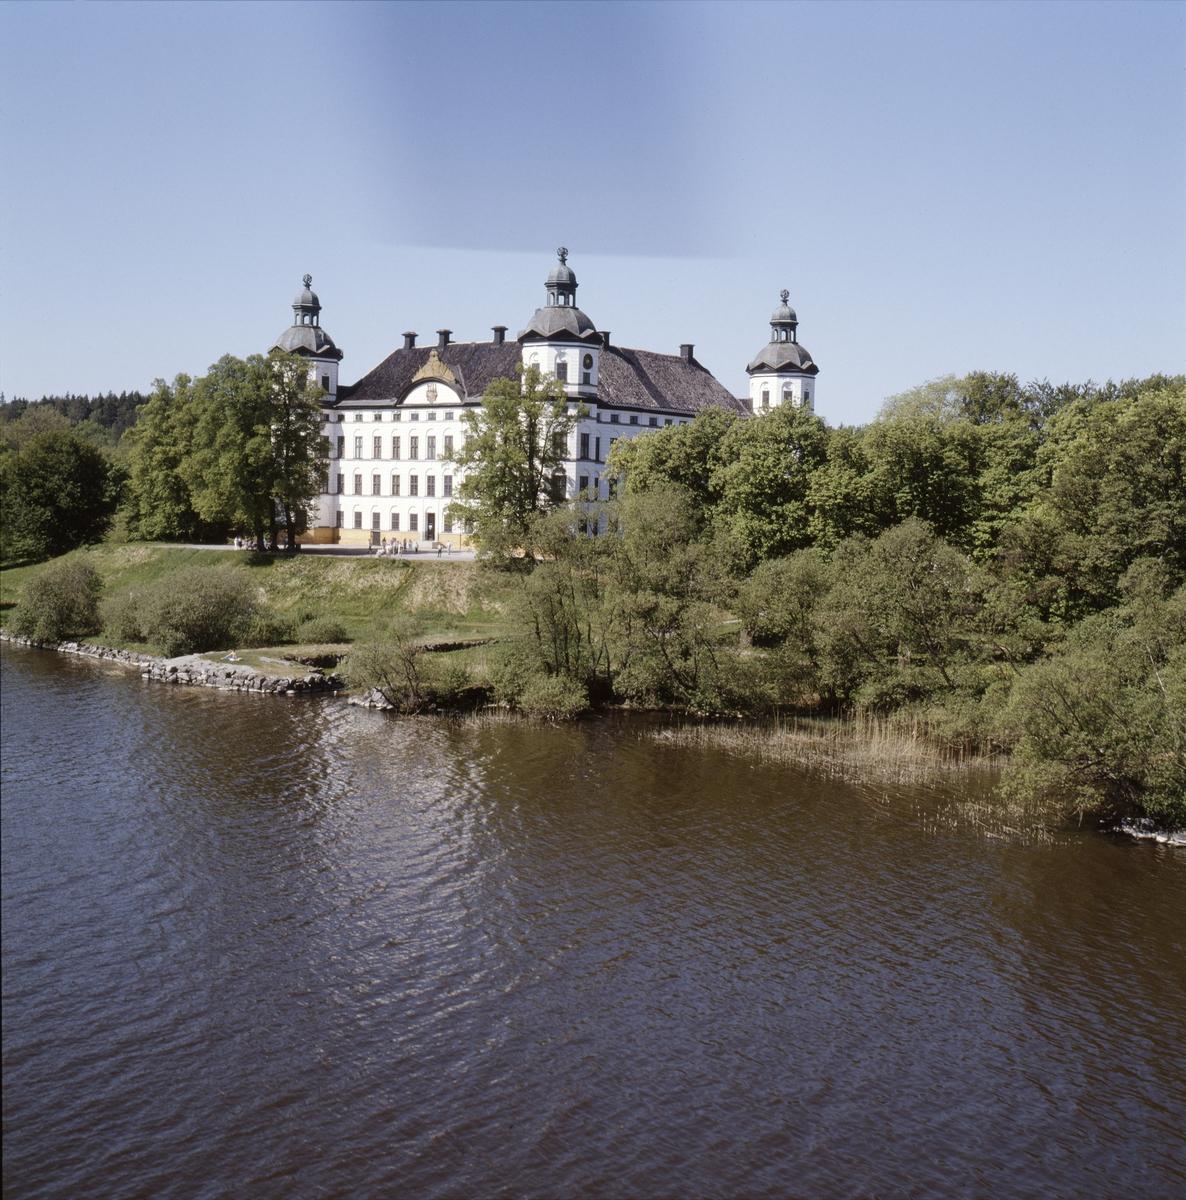 Vy över Skoklosters slott vid Mälaren, Skoklosters socken, Uppland, juni 1989